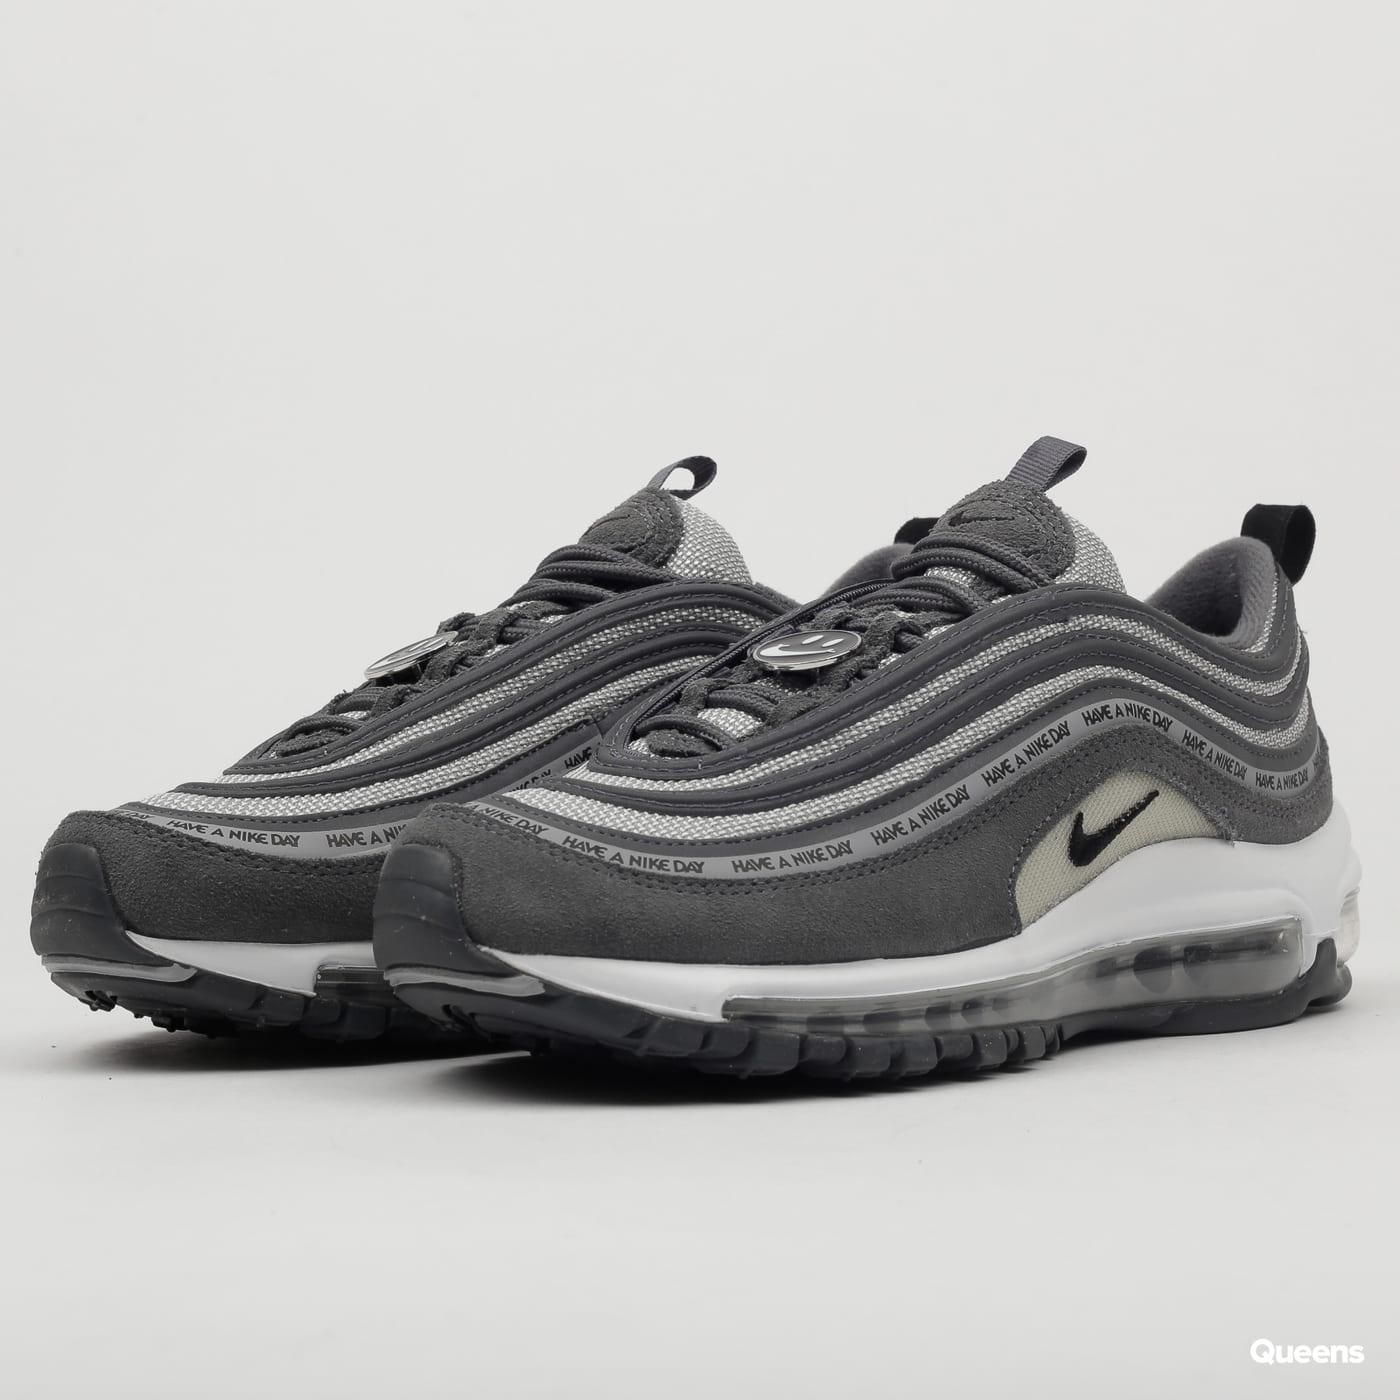 9eeca0089de Nike Air Max 97 SE (GS) (923288-001)– Queens 💚